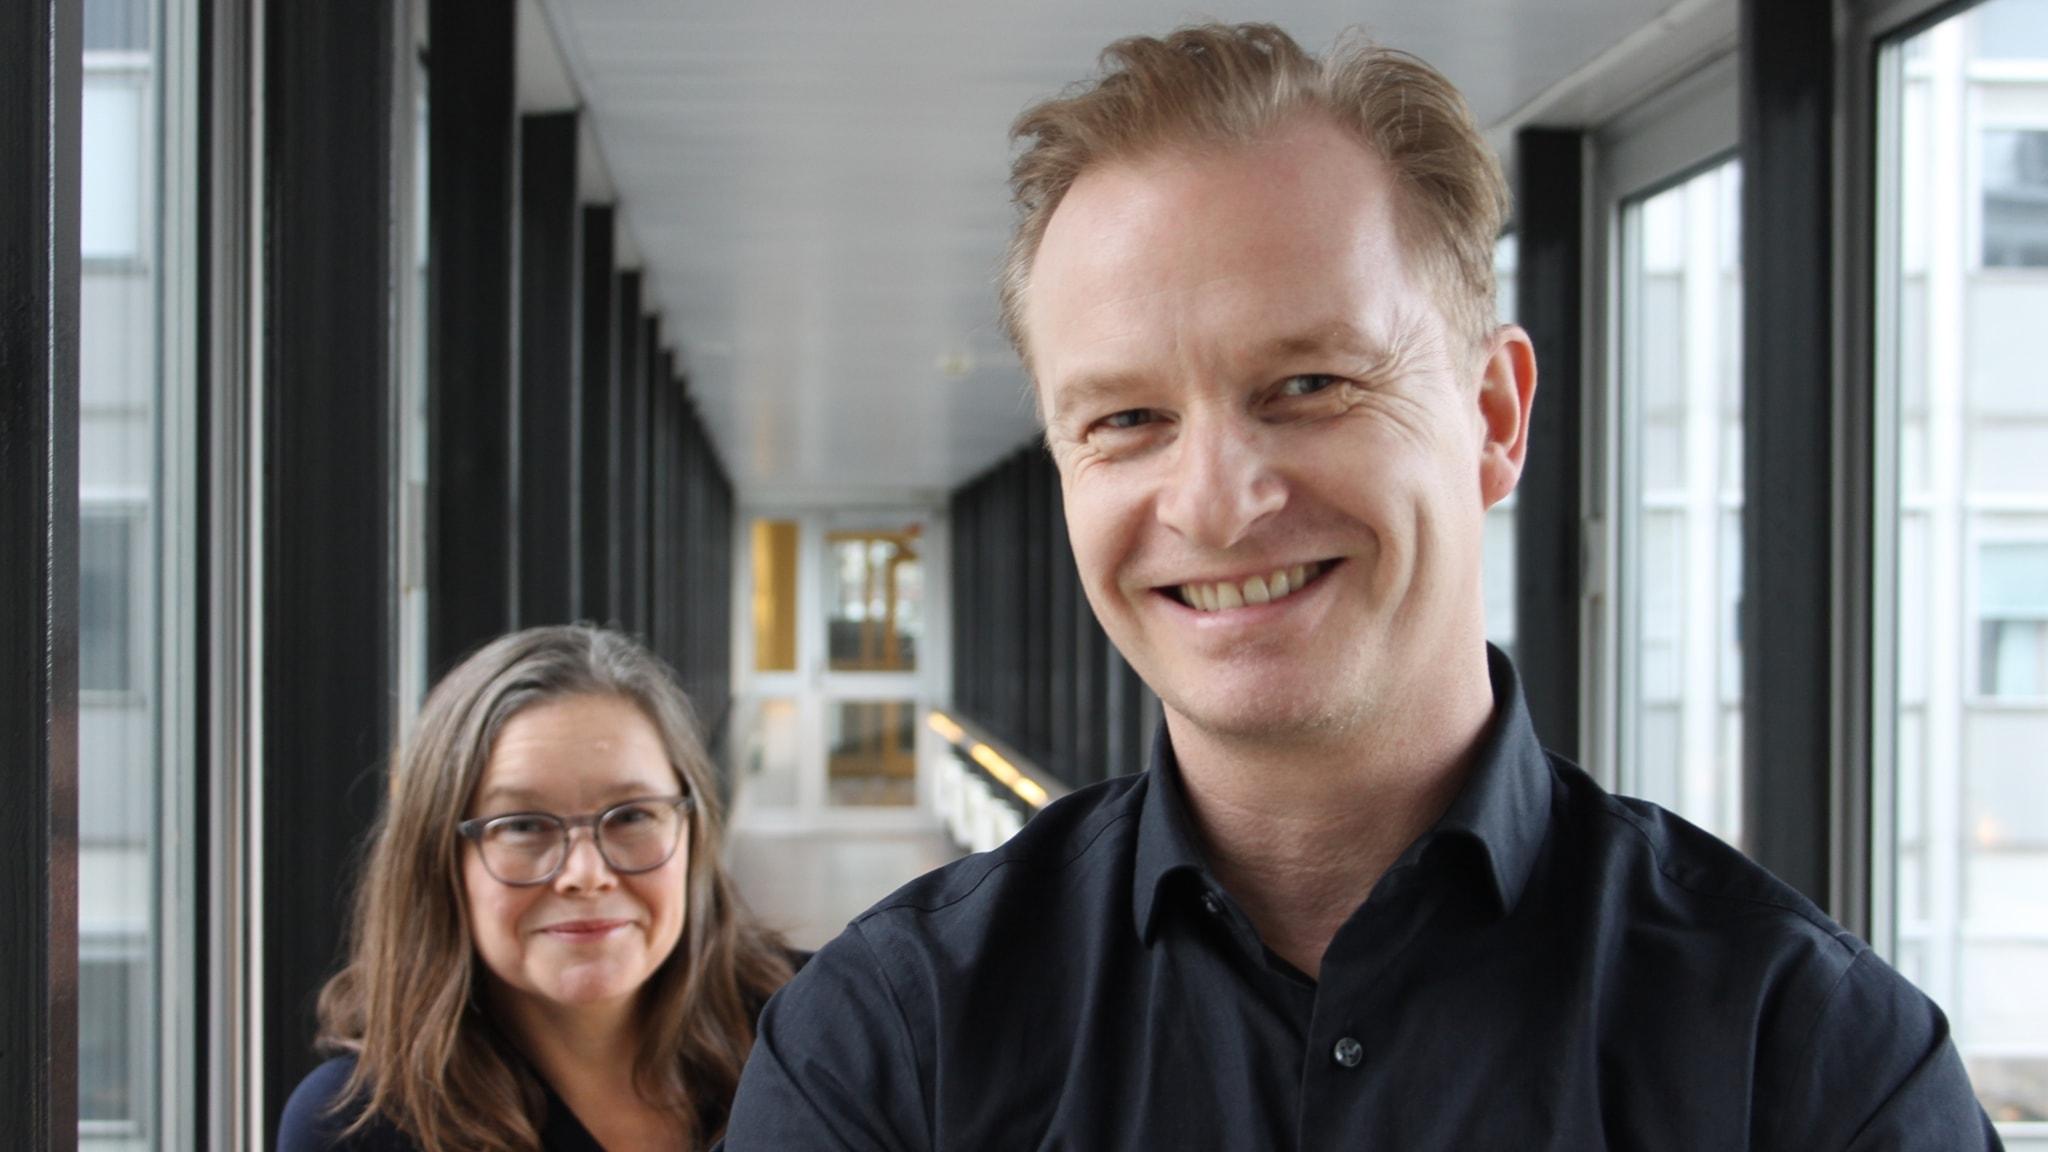 Möt skådespelaren Sven Ahlström!